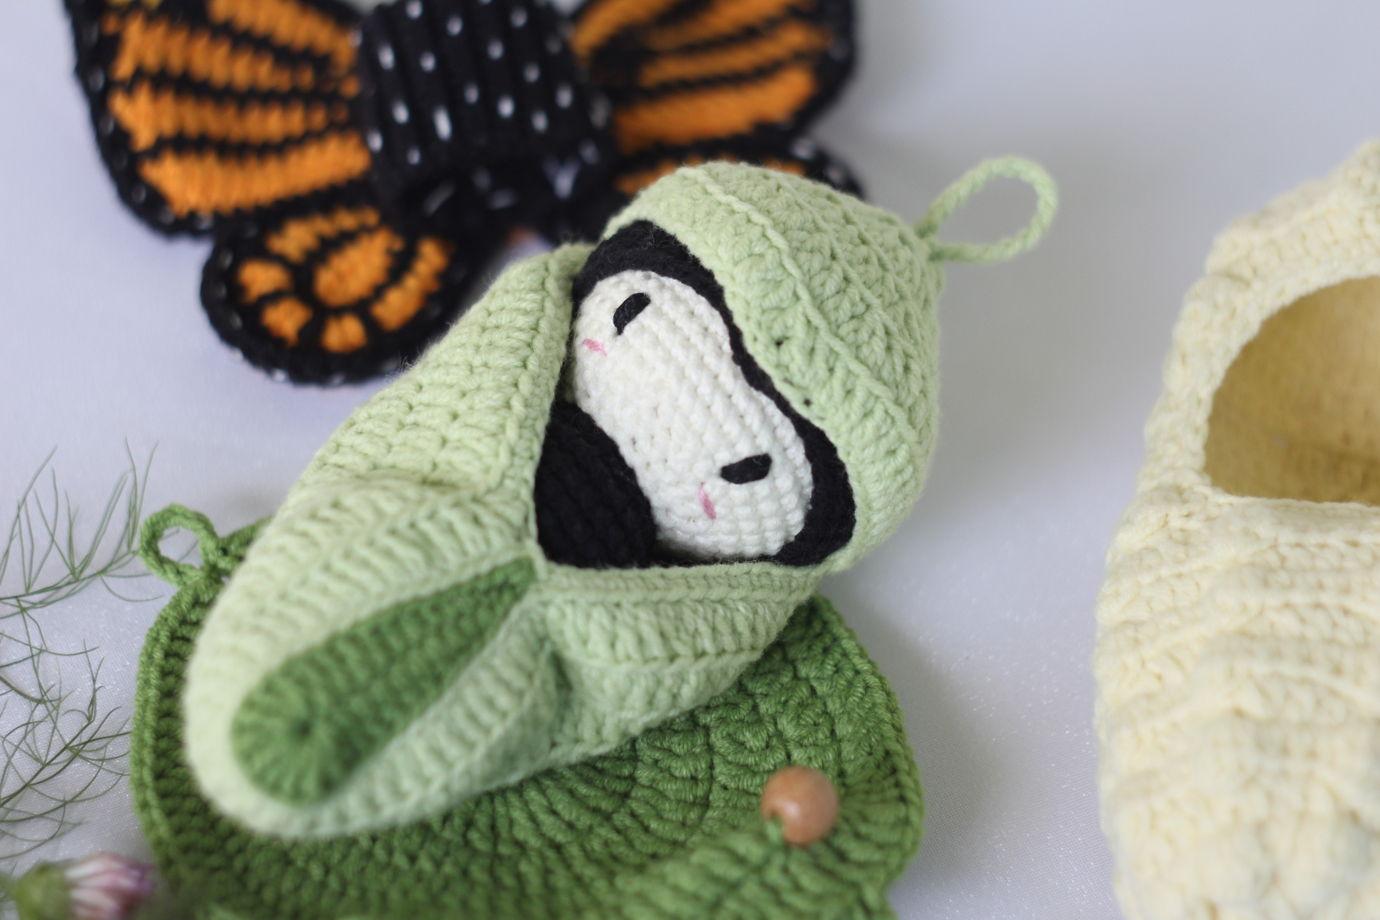 Вязаный развивающий набор - Жизненный цикл бабочки. Монарх